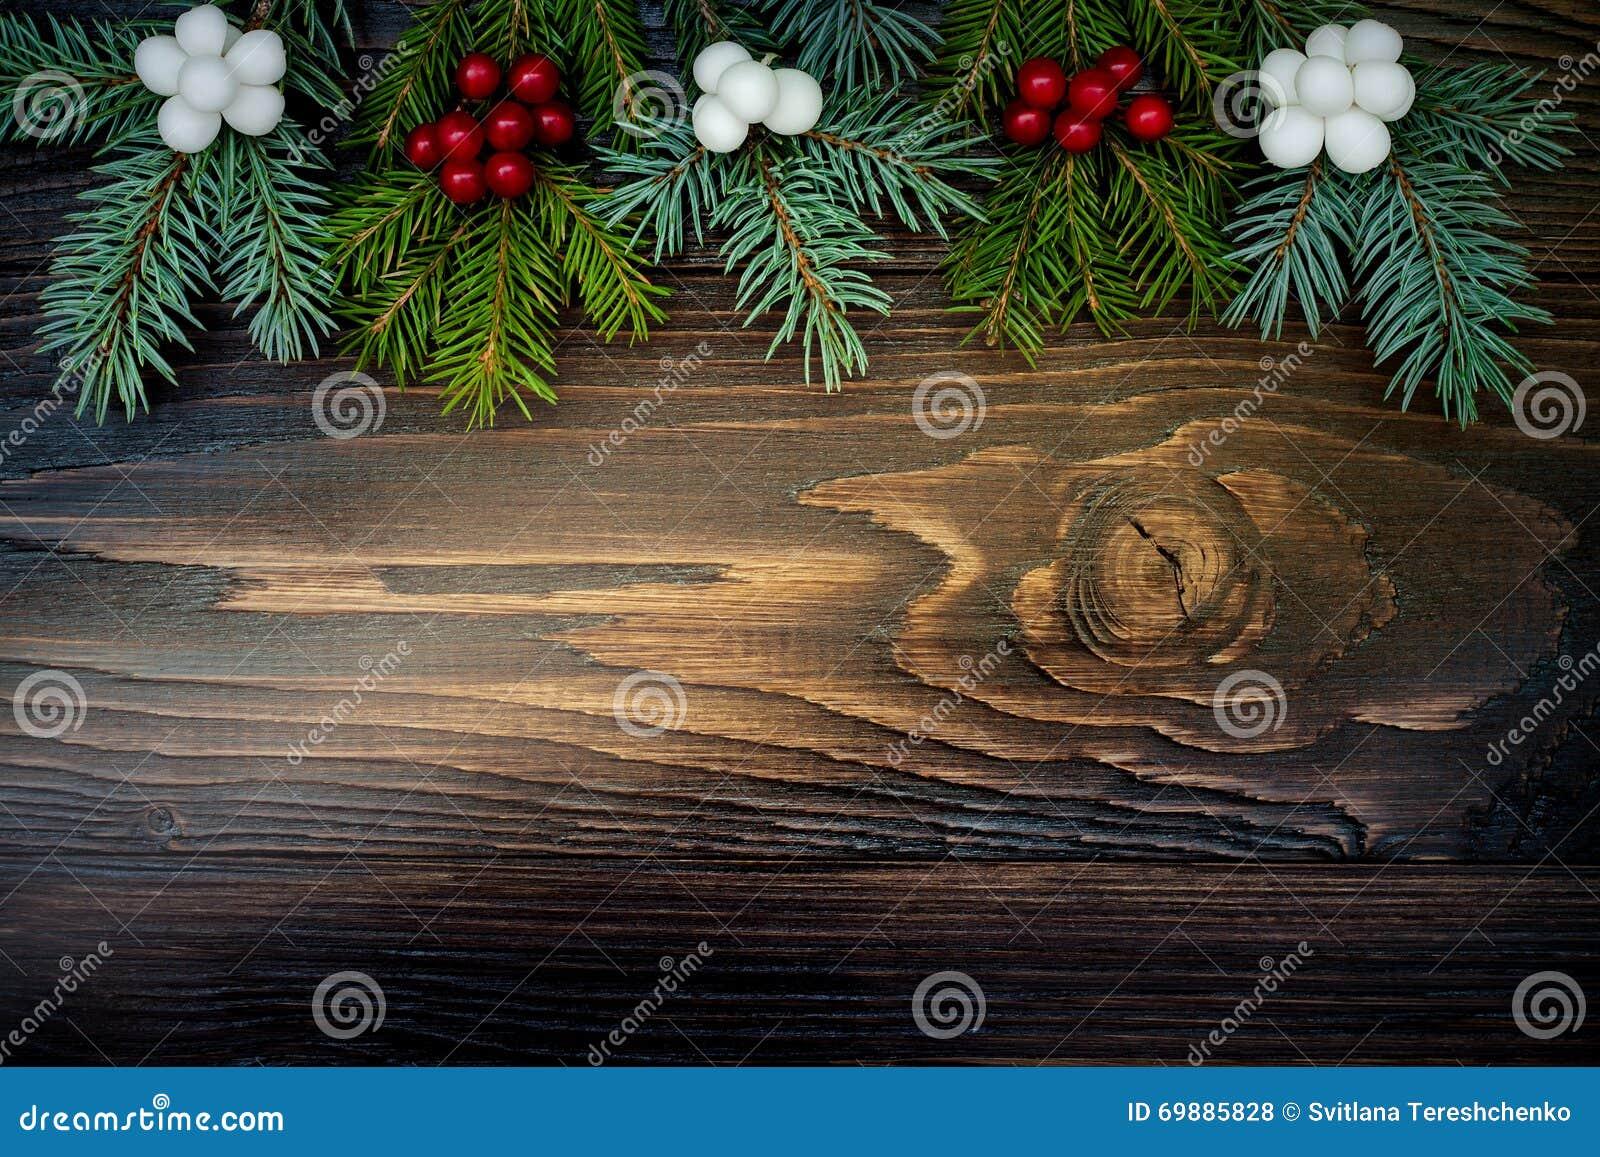 Weihnachtshintergrund mit Tannenzweigen und Beeren auf hölzernem Brett des Schmutzes Kopieren Sie Platz